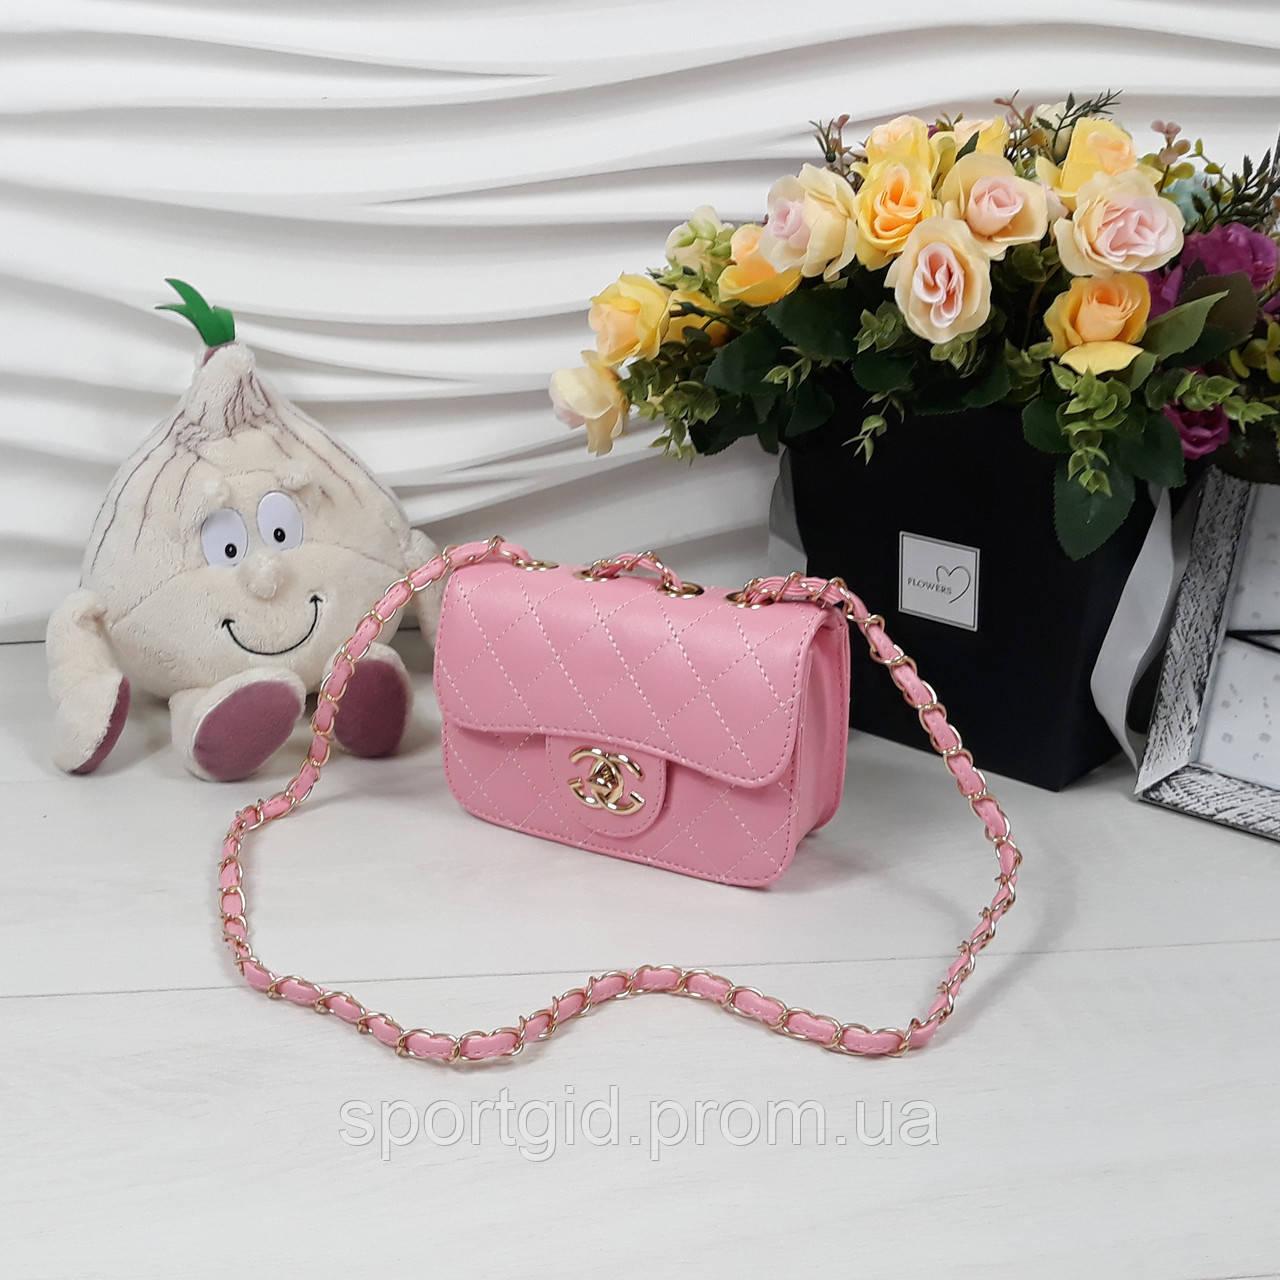 7d9b40348080 Модная, стильная детская сумочка Шанель/ сумочка для девочки на плечо